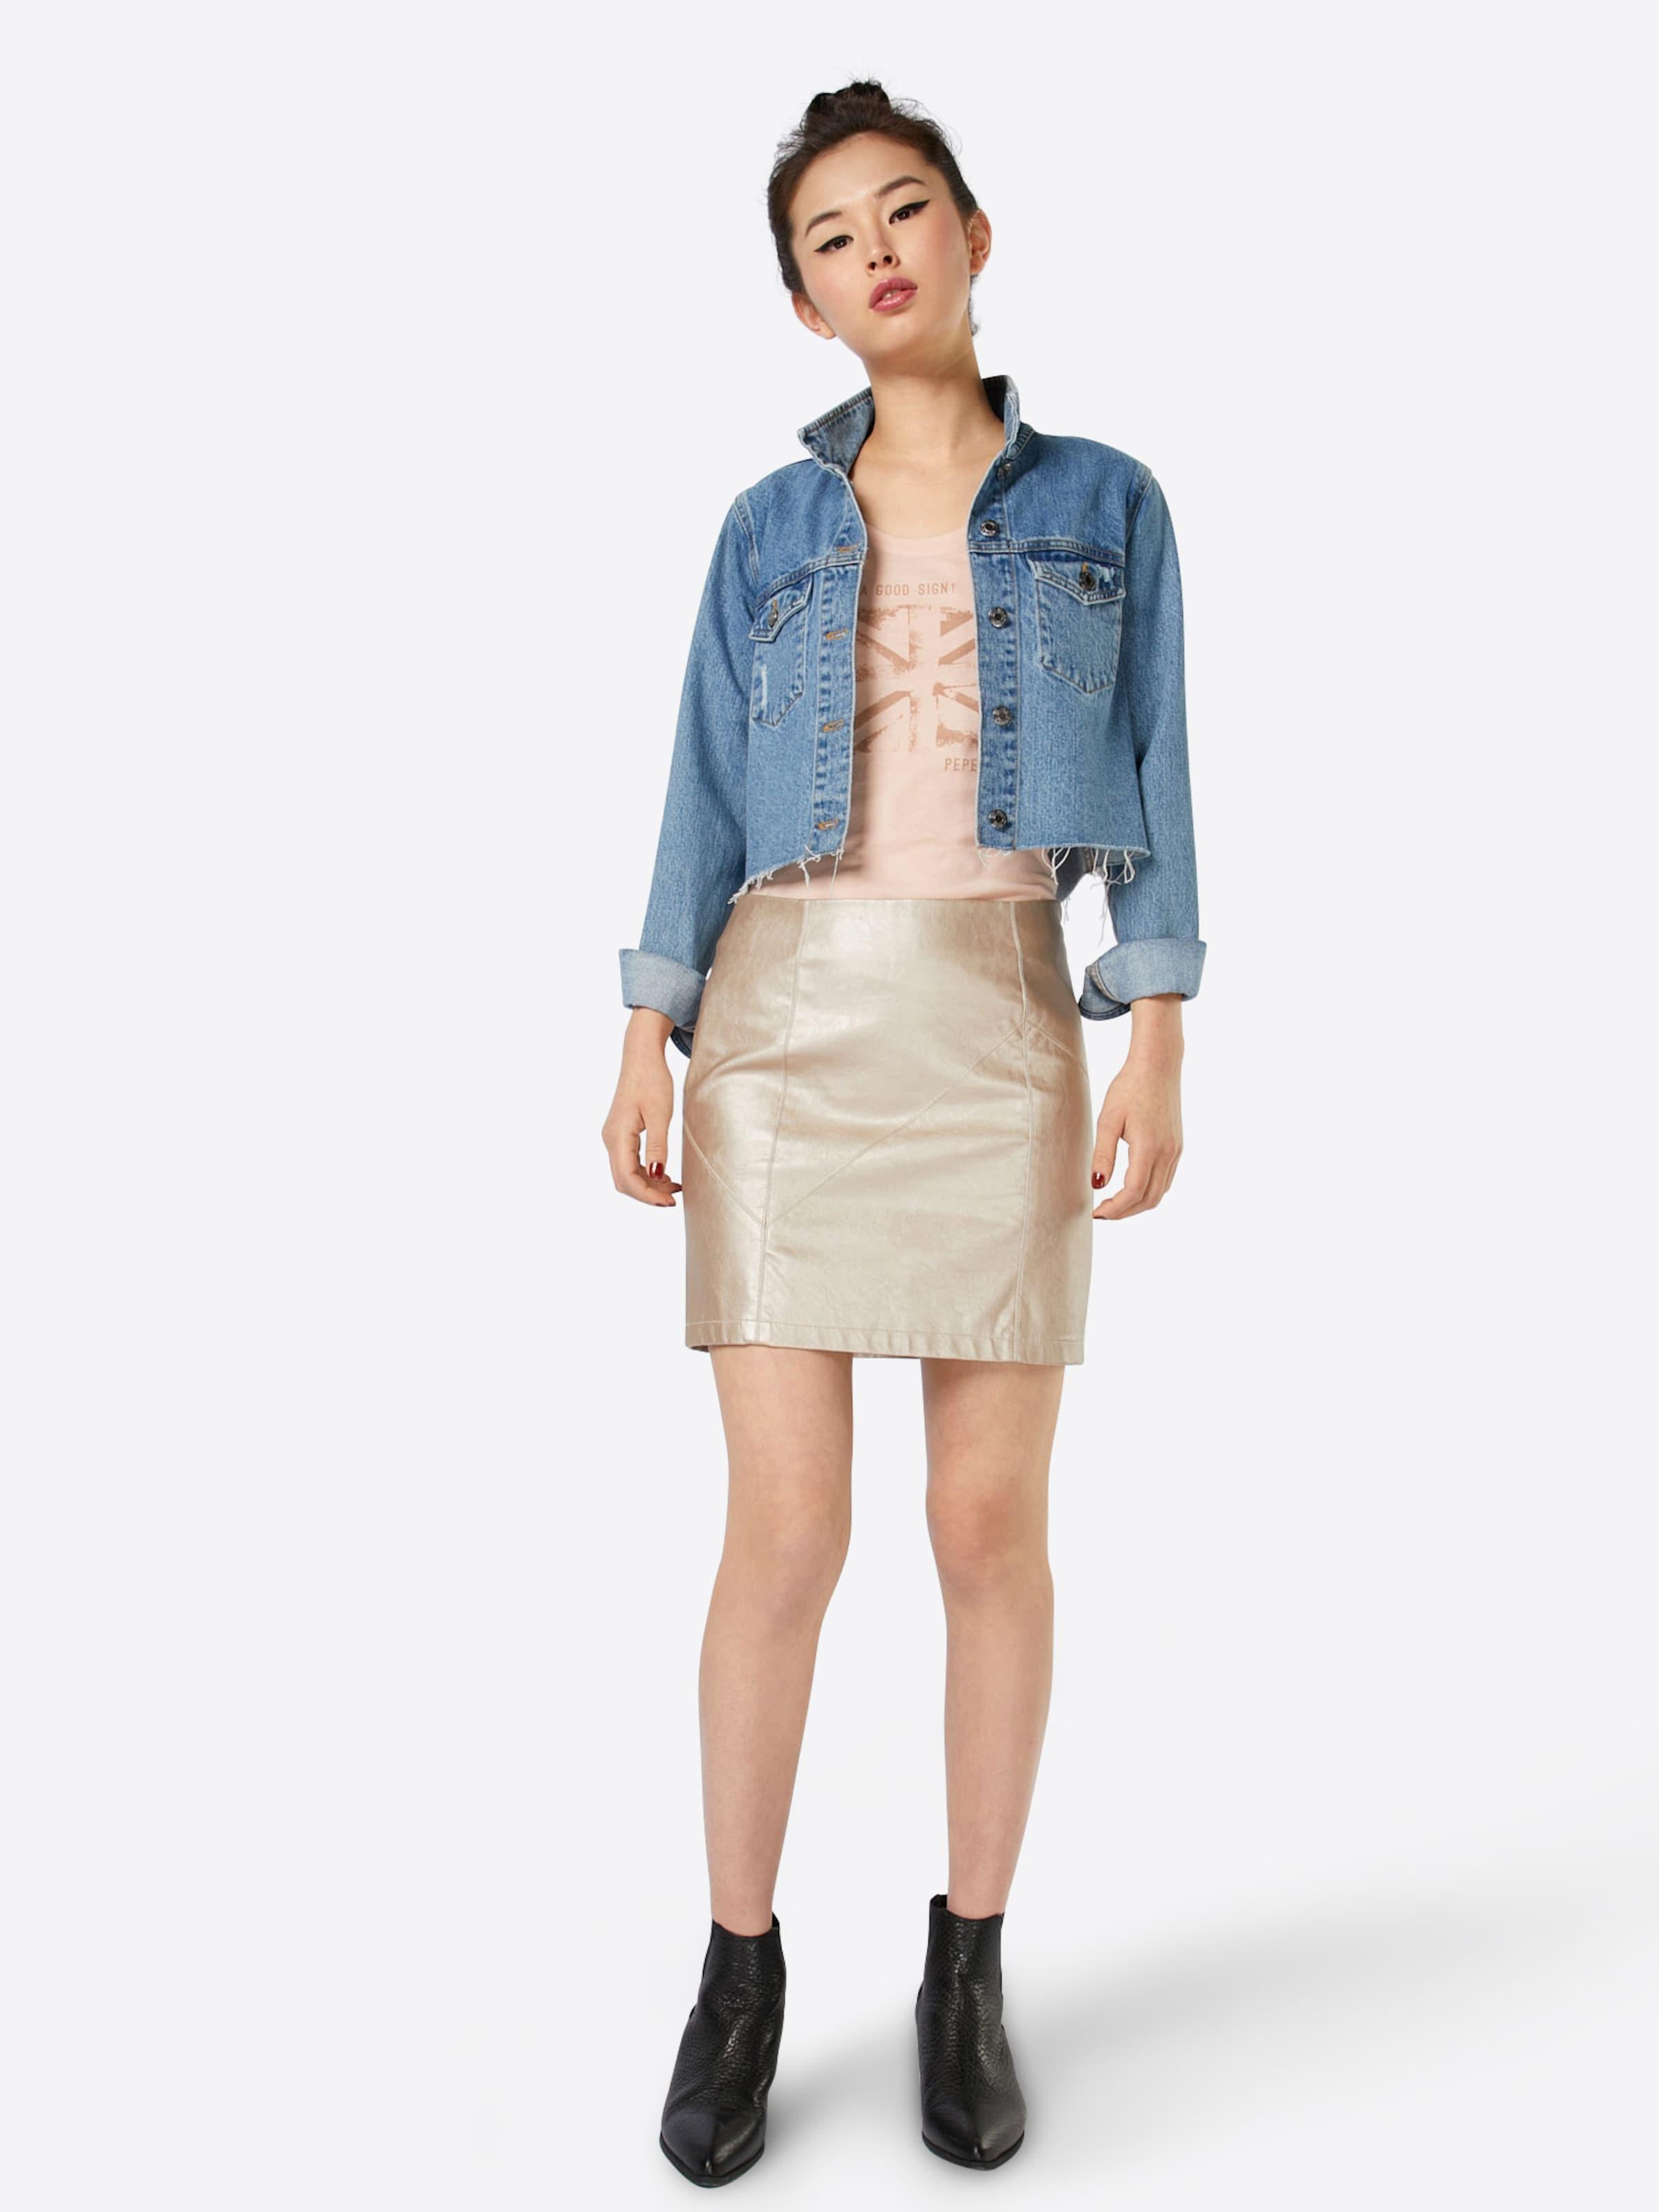 Billig Verkauf 2018 Neueste Neu Zu Verkaufen Pepe Jeans Shirt 'BREE' 0xPntTP